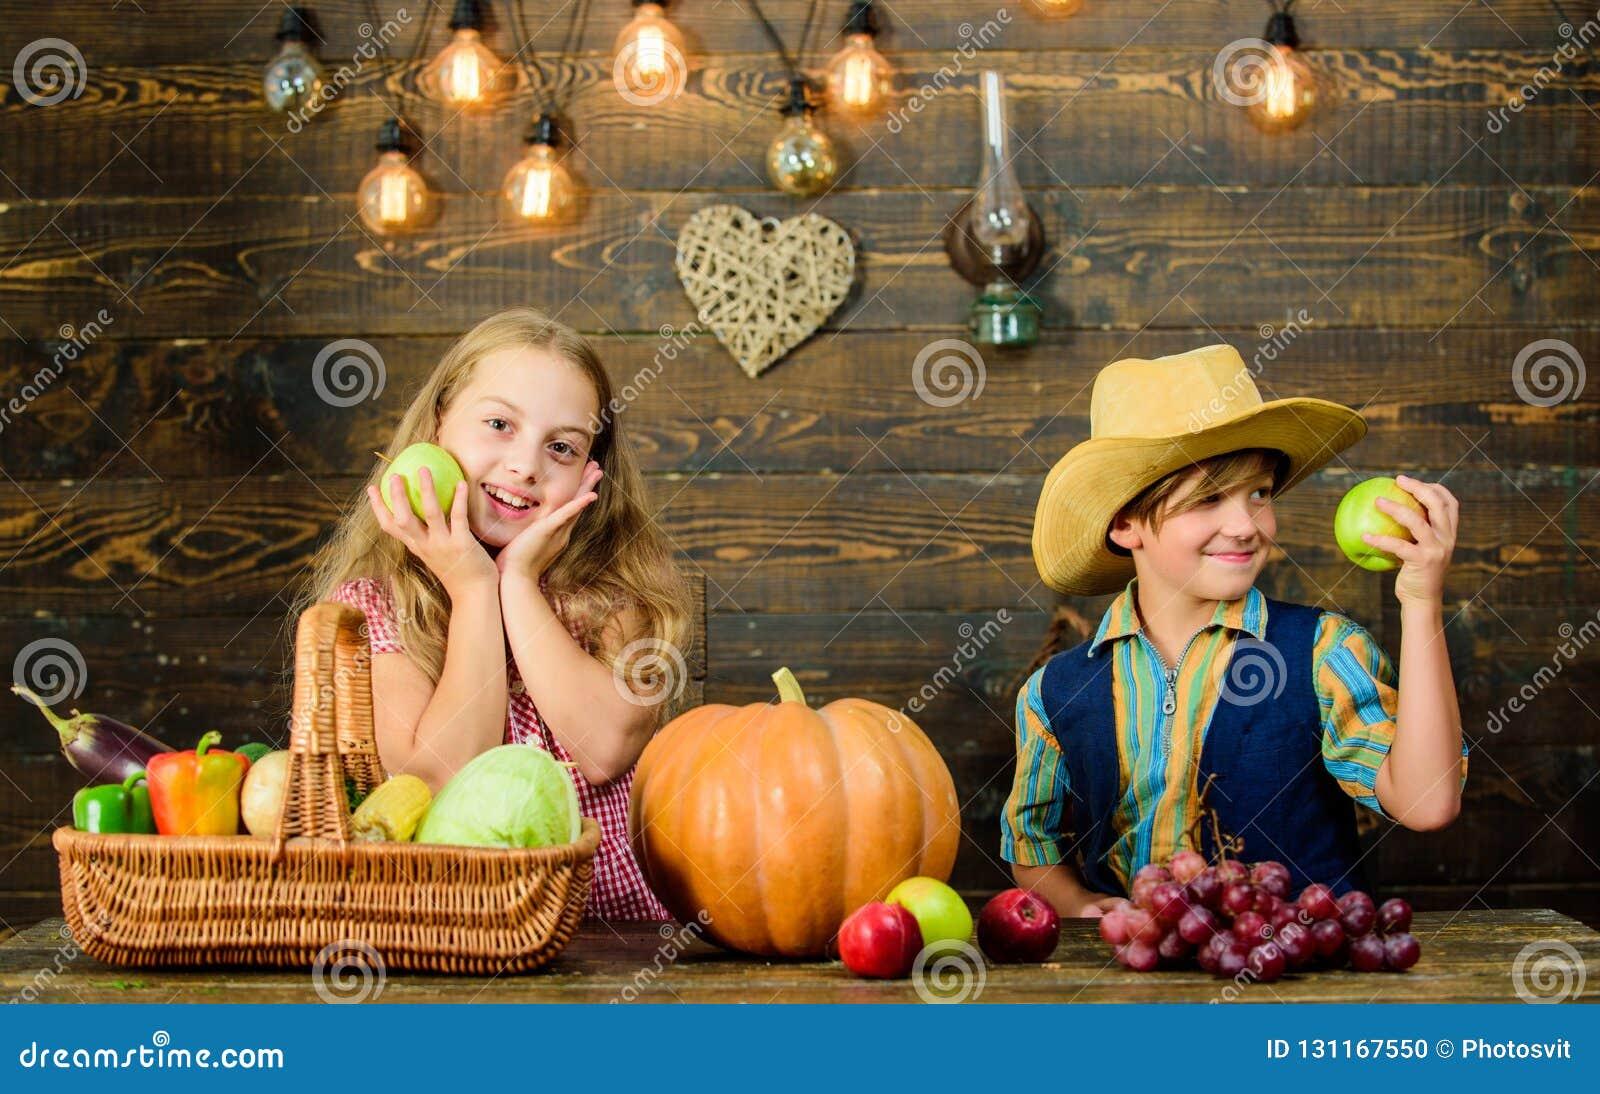 庆祝收获节日 当前收获菜木背景的孩子 孩子女孩男孩新鲜蔬菜